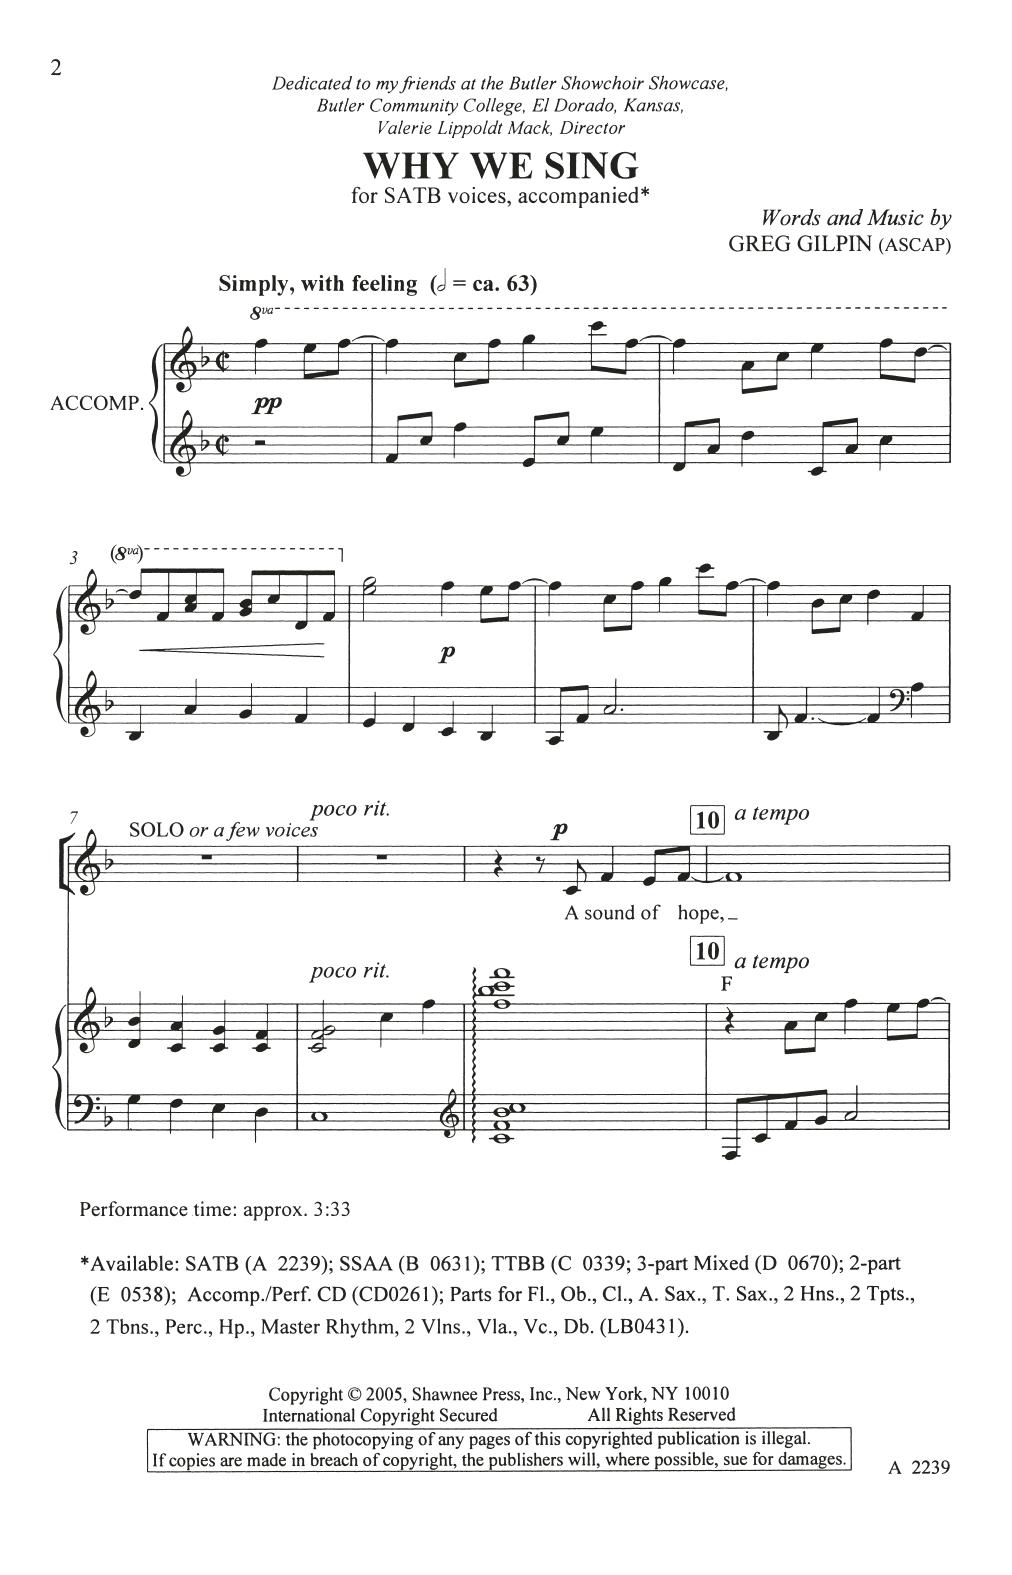 Why We Sing (SATB Choir)